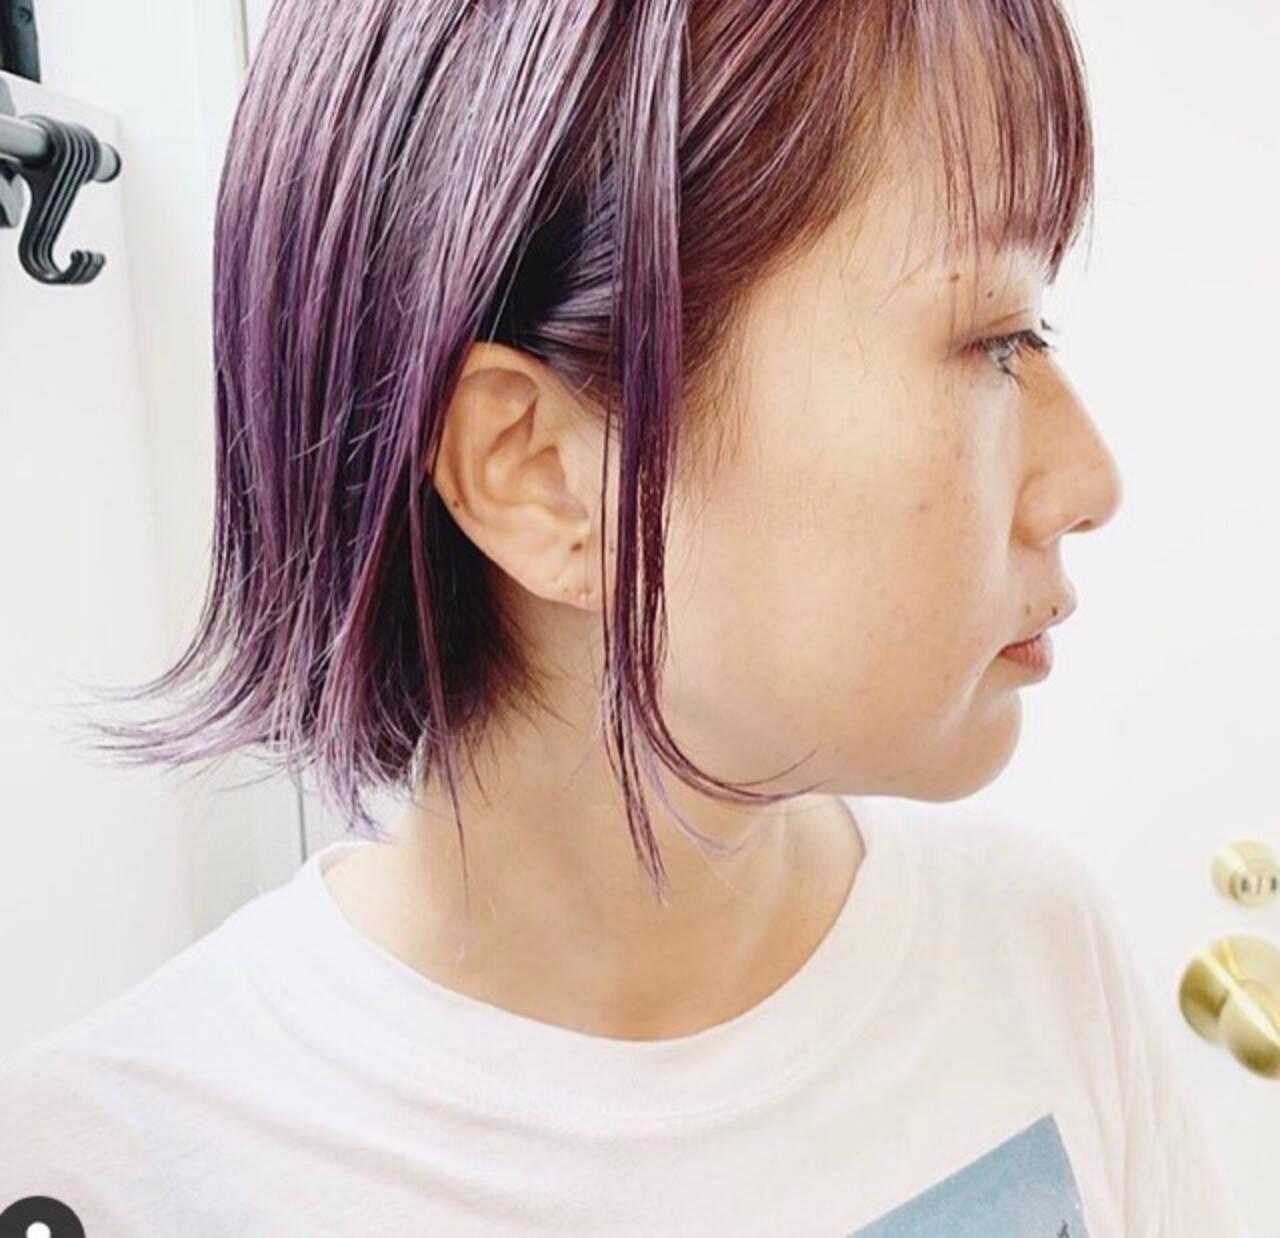 ラベンダーグレージュ ミルクティーグレージュ ラベンダーアッシュ ボブヘアスタイルや髪型の写真・画像